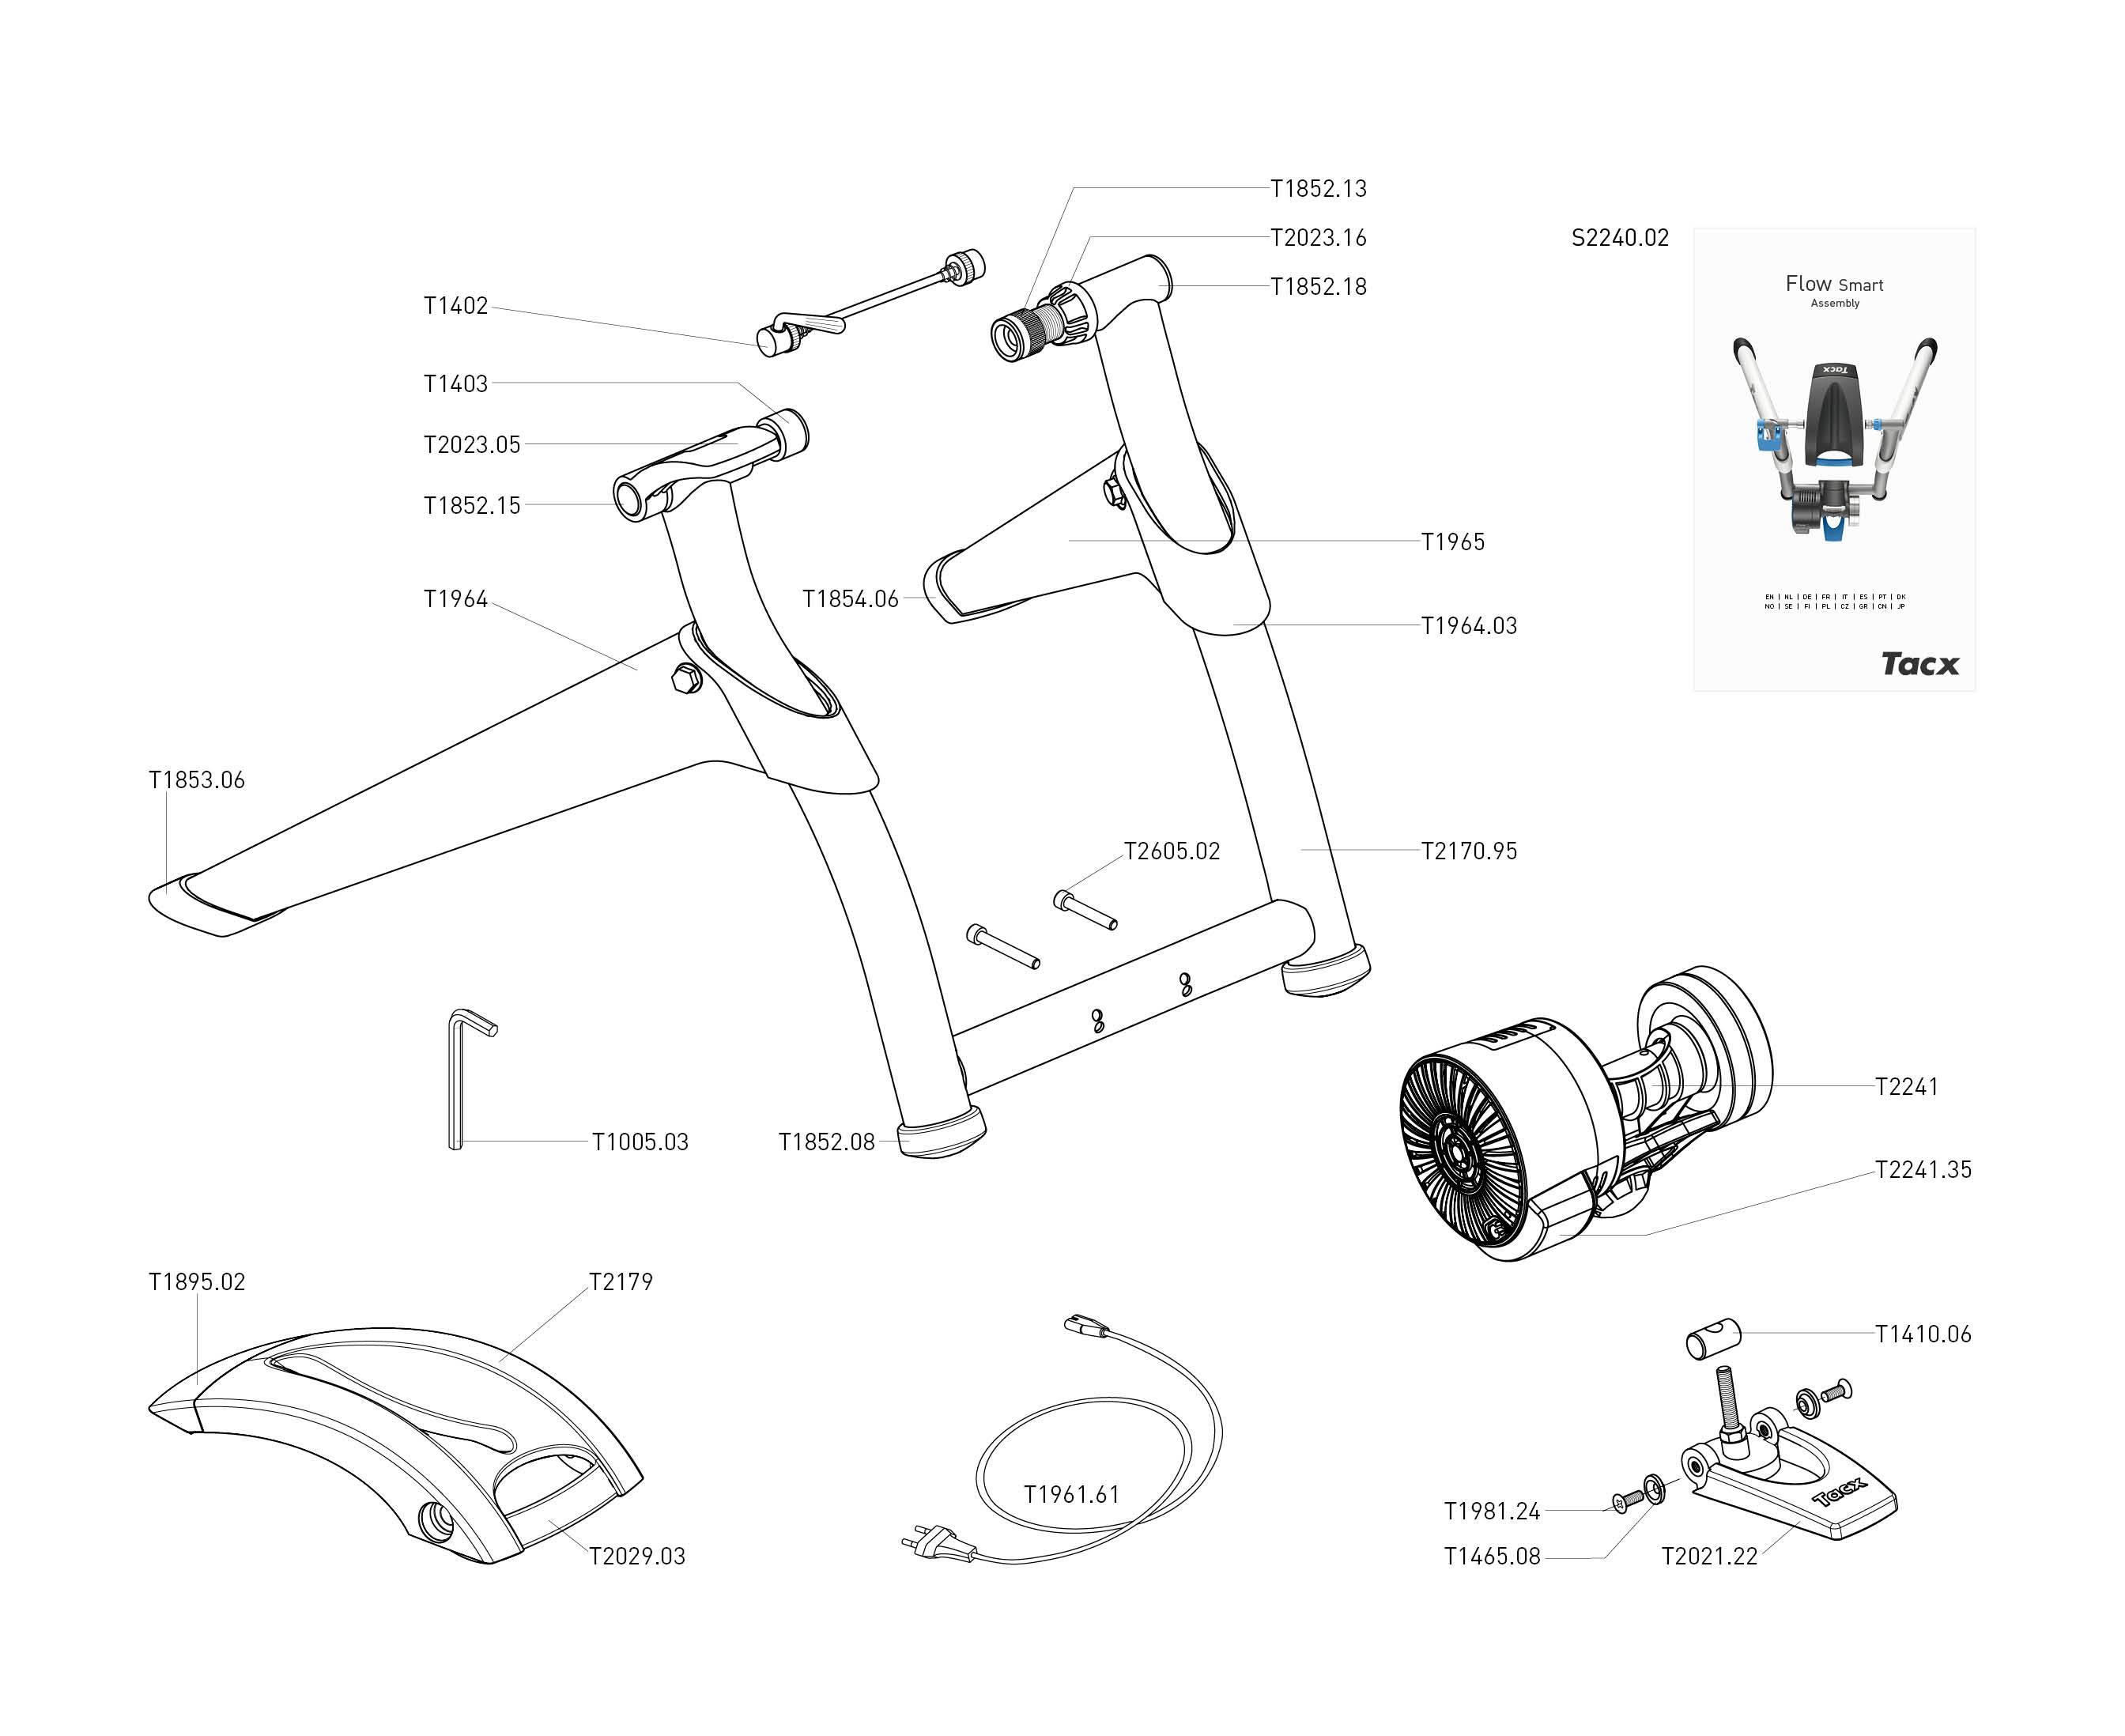 Схема тренажера TACX Flow Smart